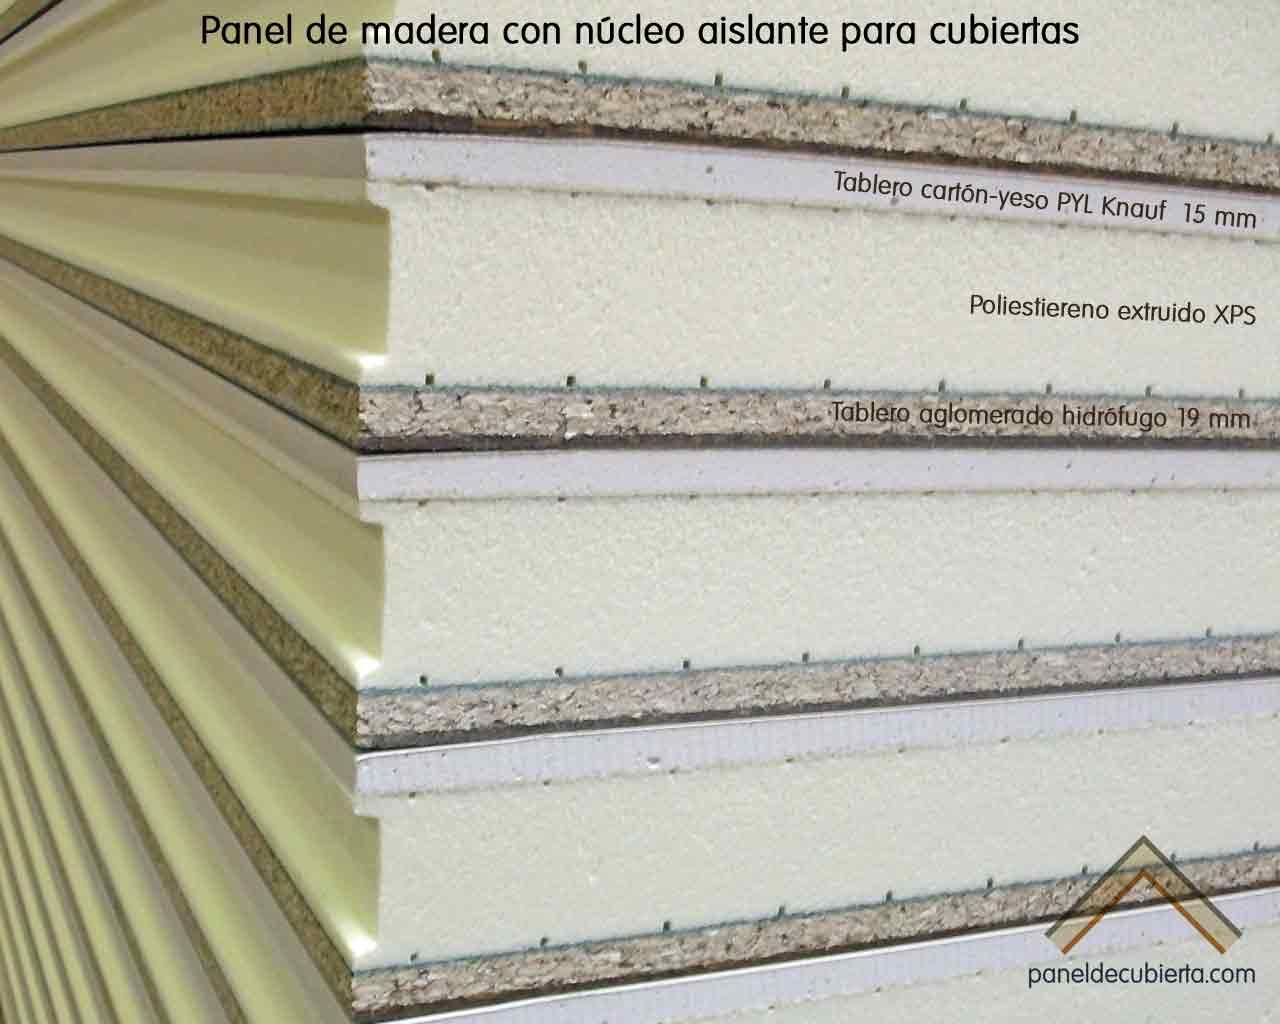 Panel de madera acabado cart n yeso - Tablero aglomerado hidrofugo ...